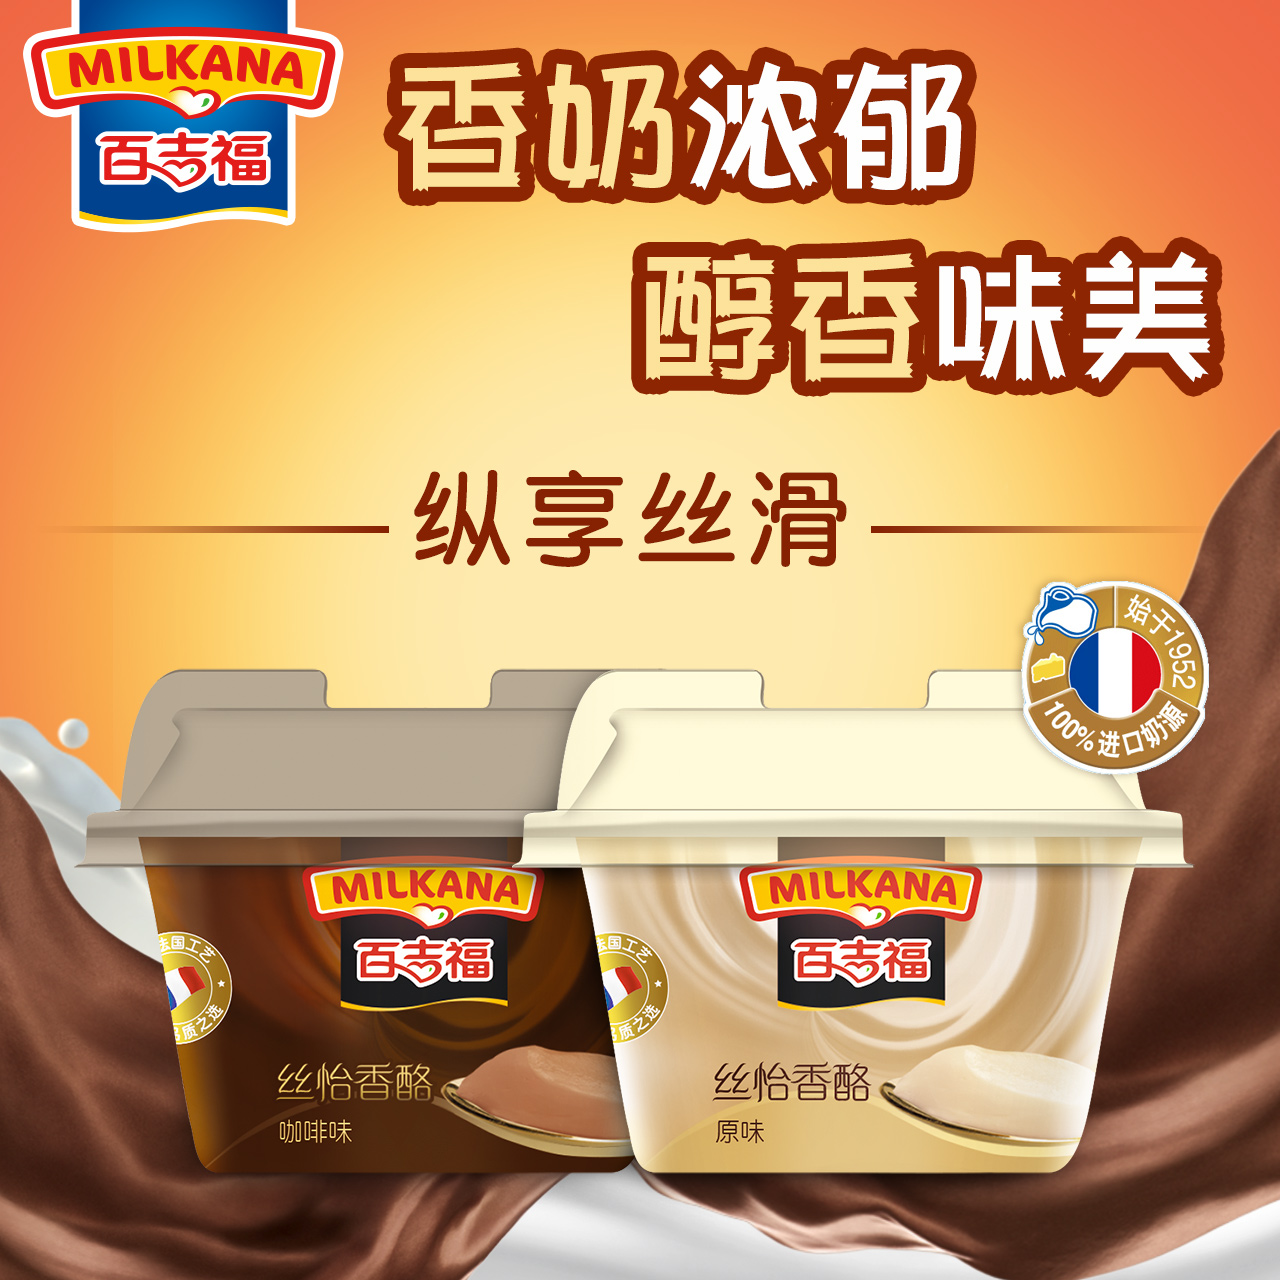 百吉福丝怡香酪奶酪休闲零食营养健康食品办公室甜品即食乳酪56g